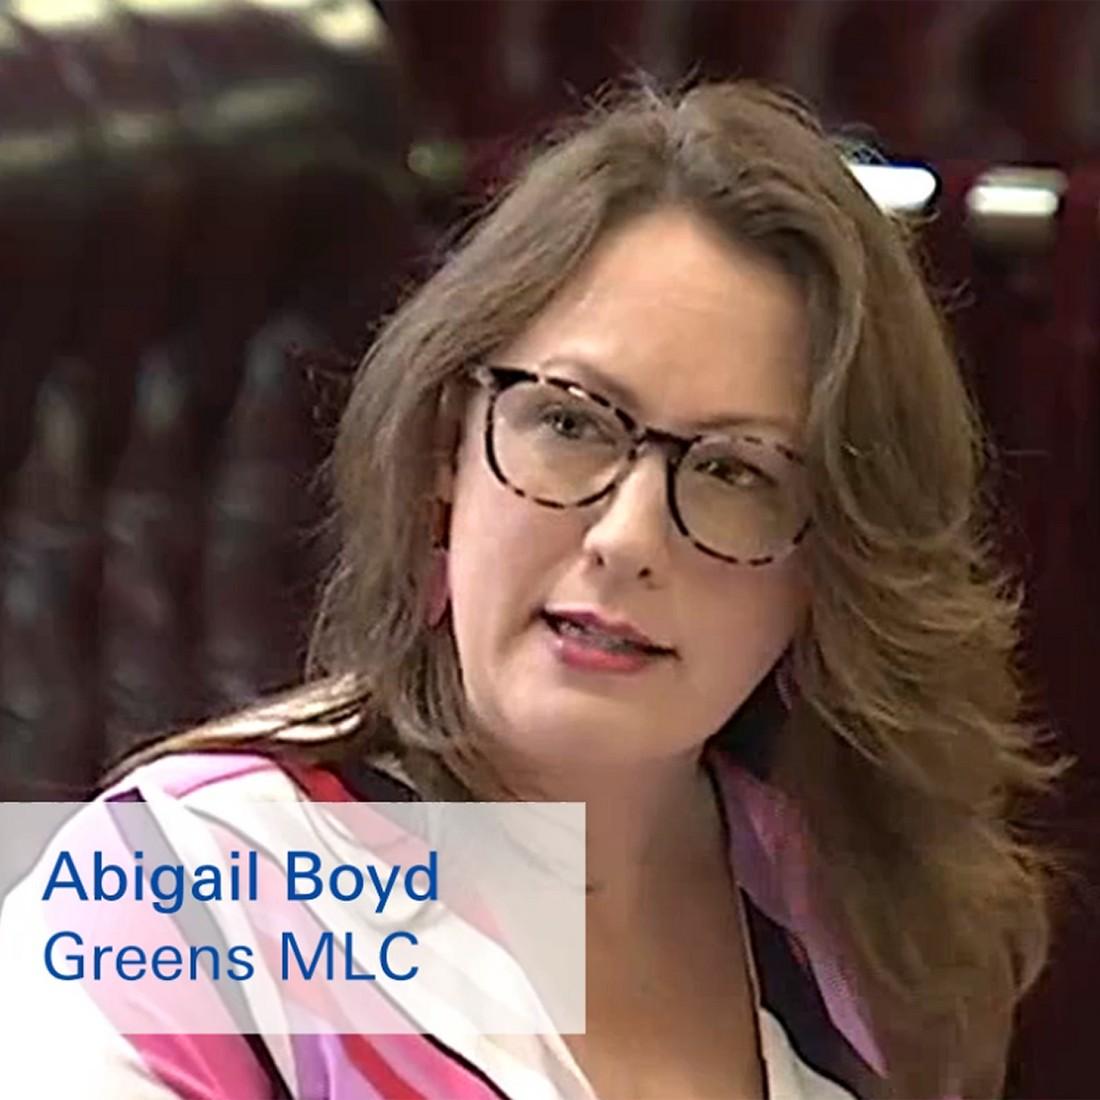 Abigail Boyd in NSW parliament prayers push